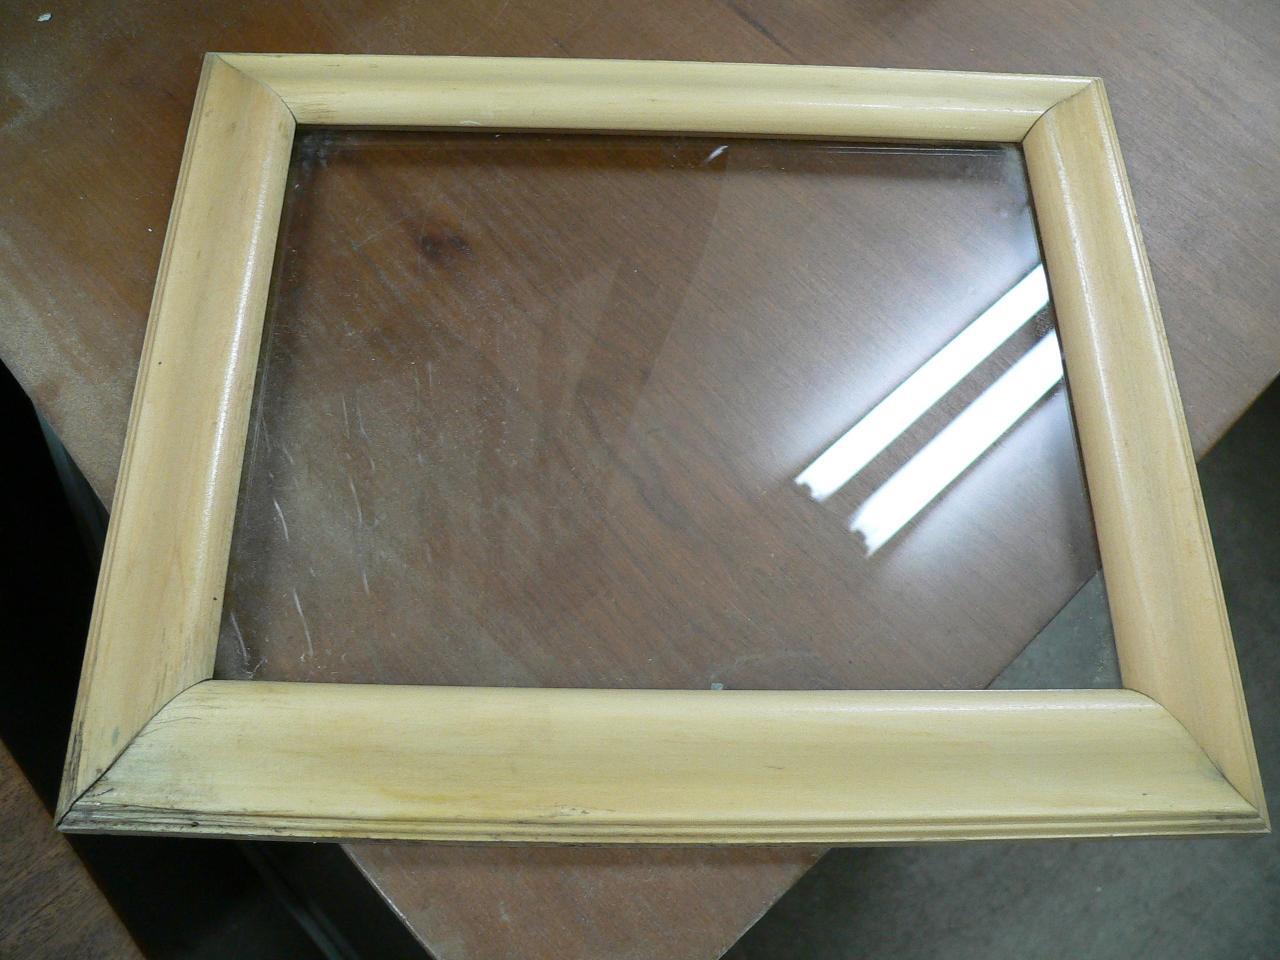 Cadre en bois # 2614.1